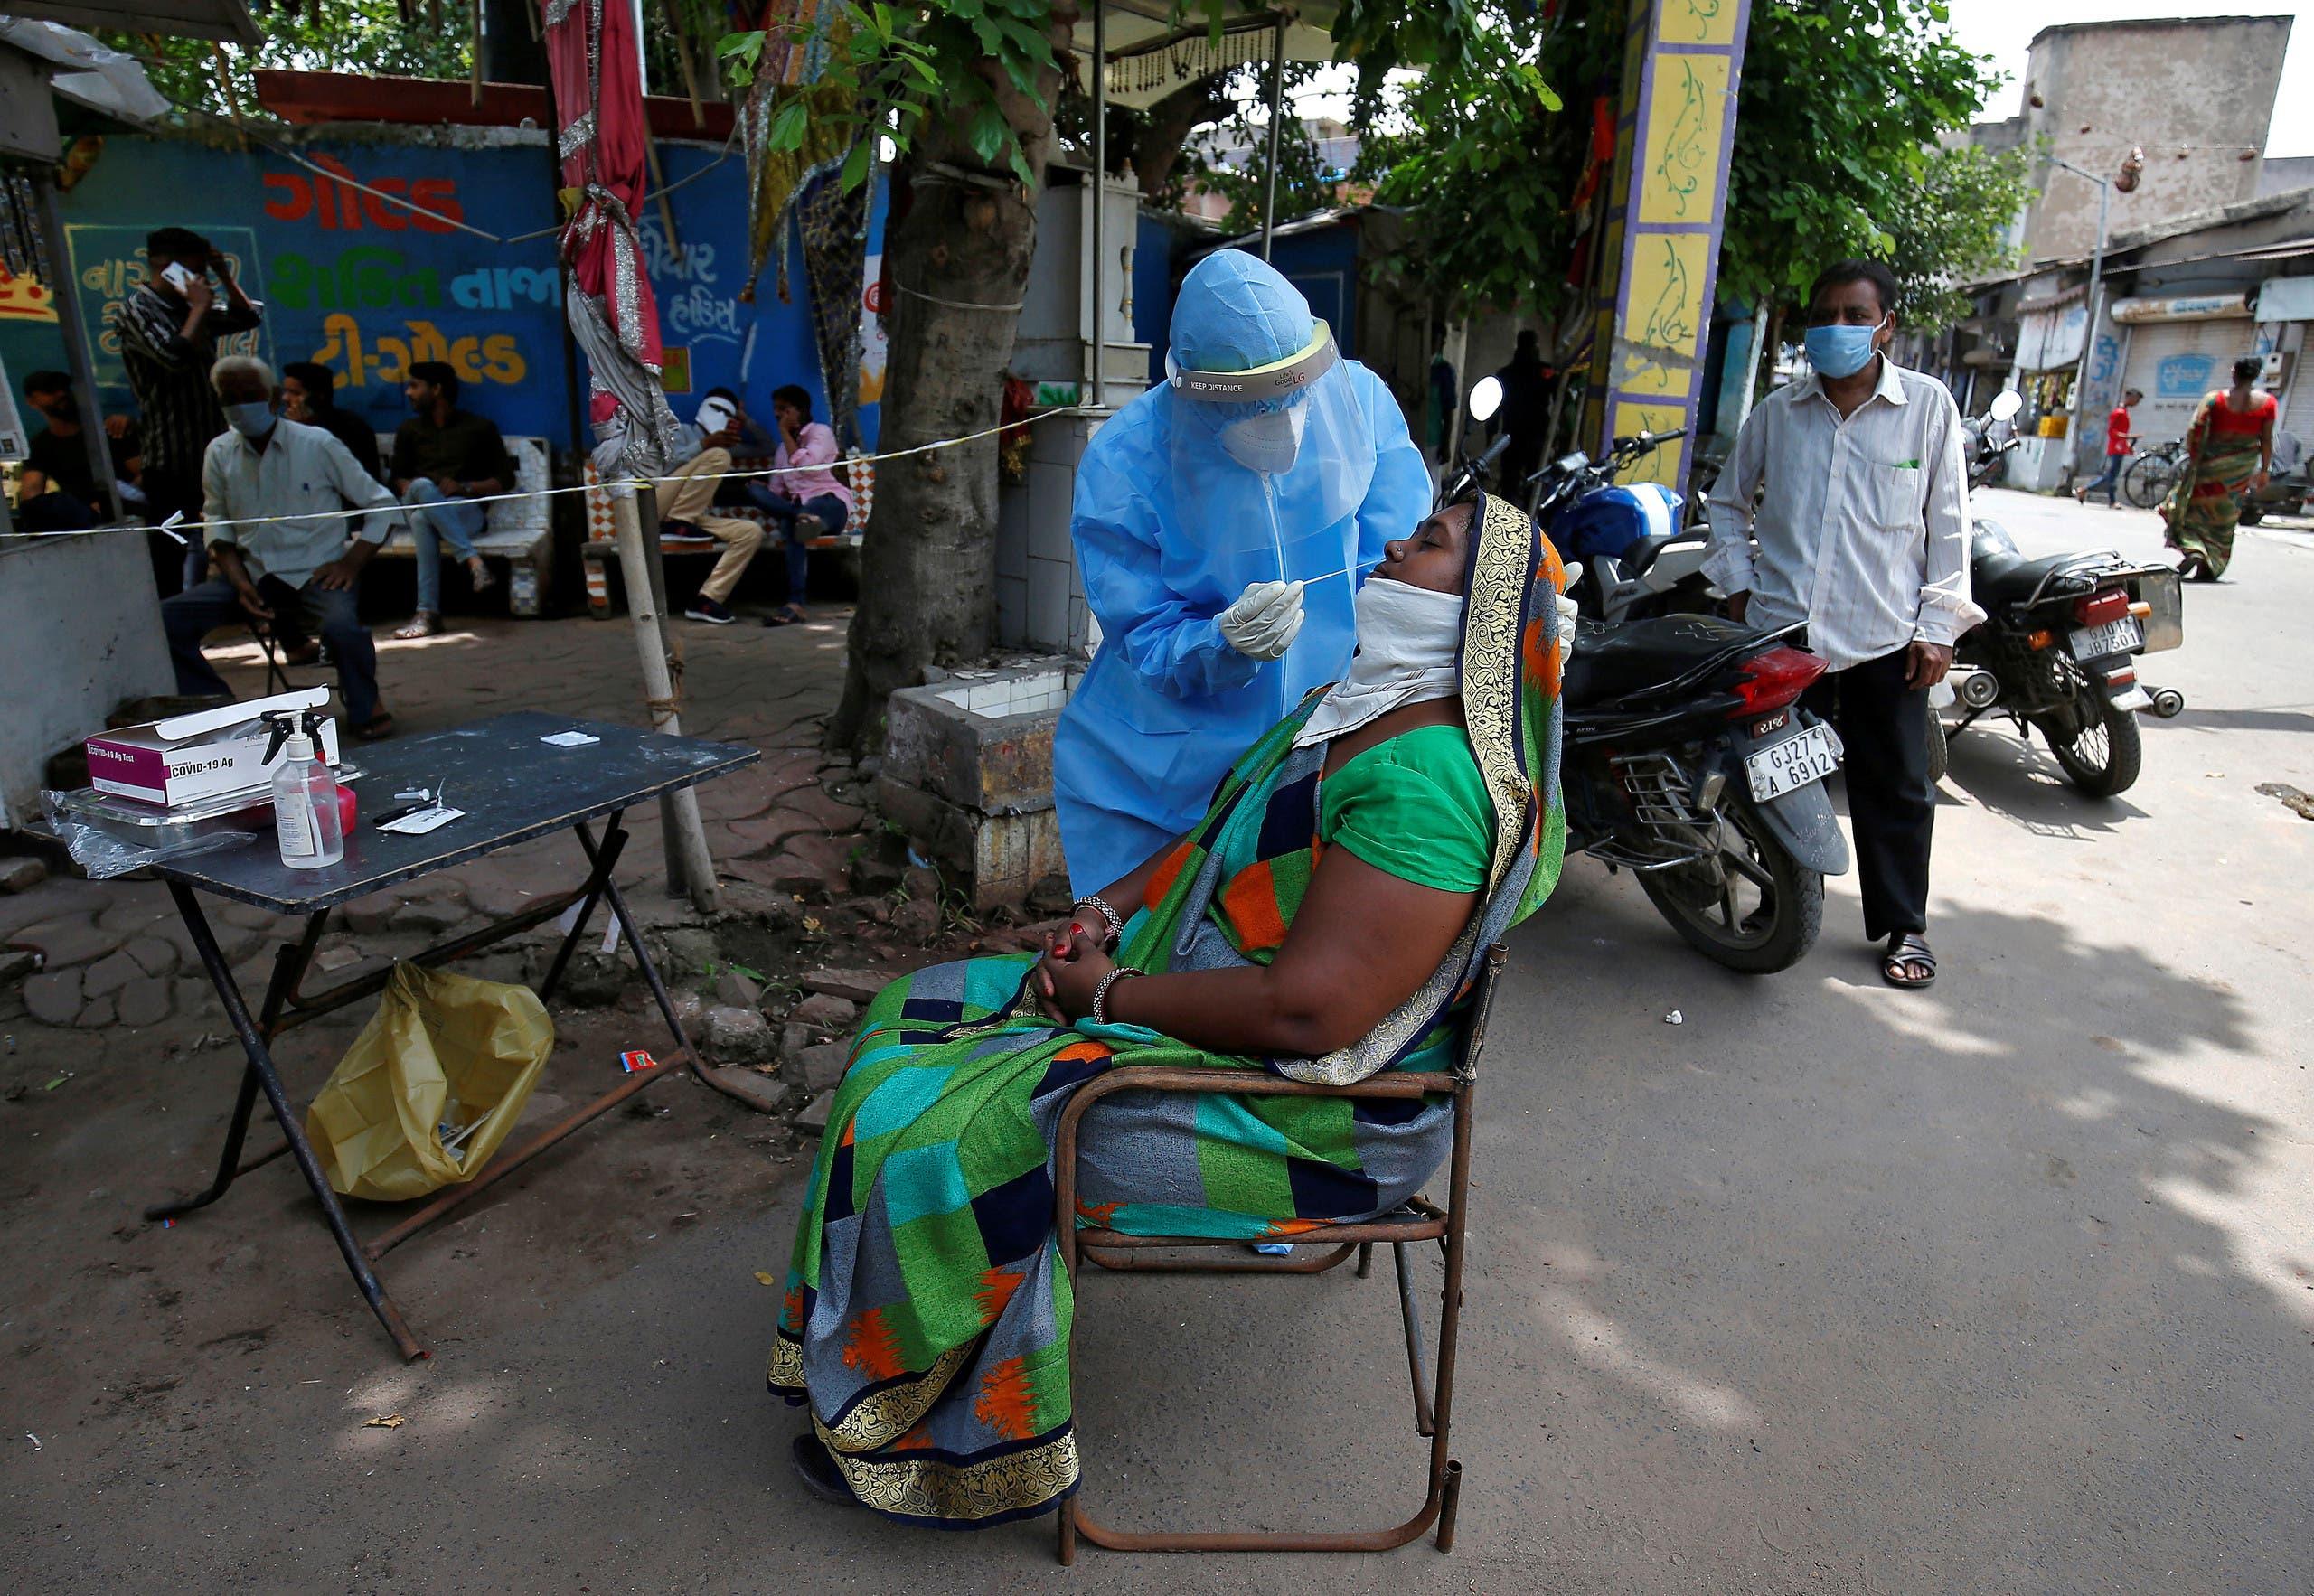 اختبار لكورونا في شوارع الهند